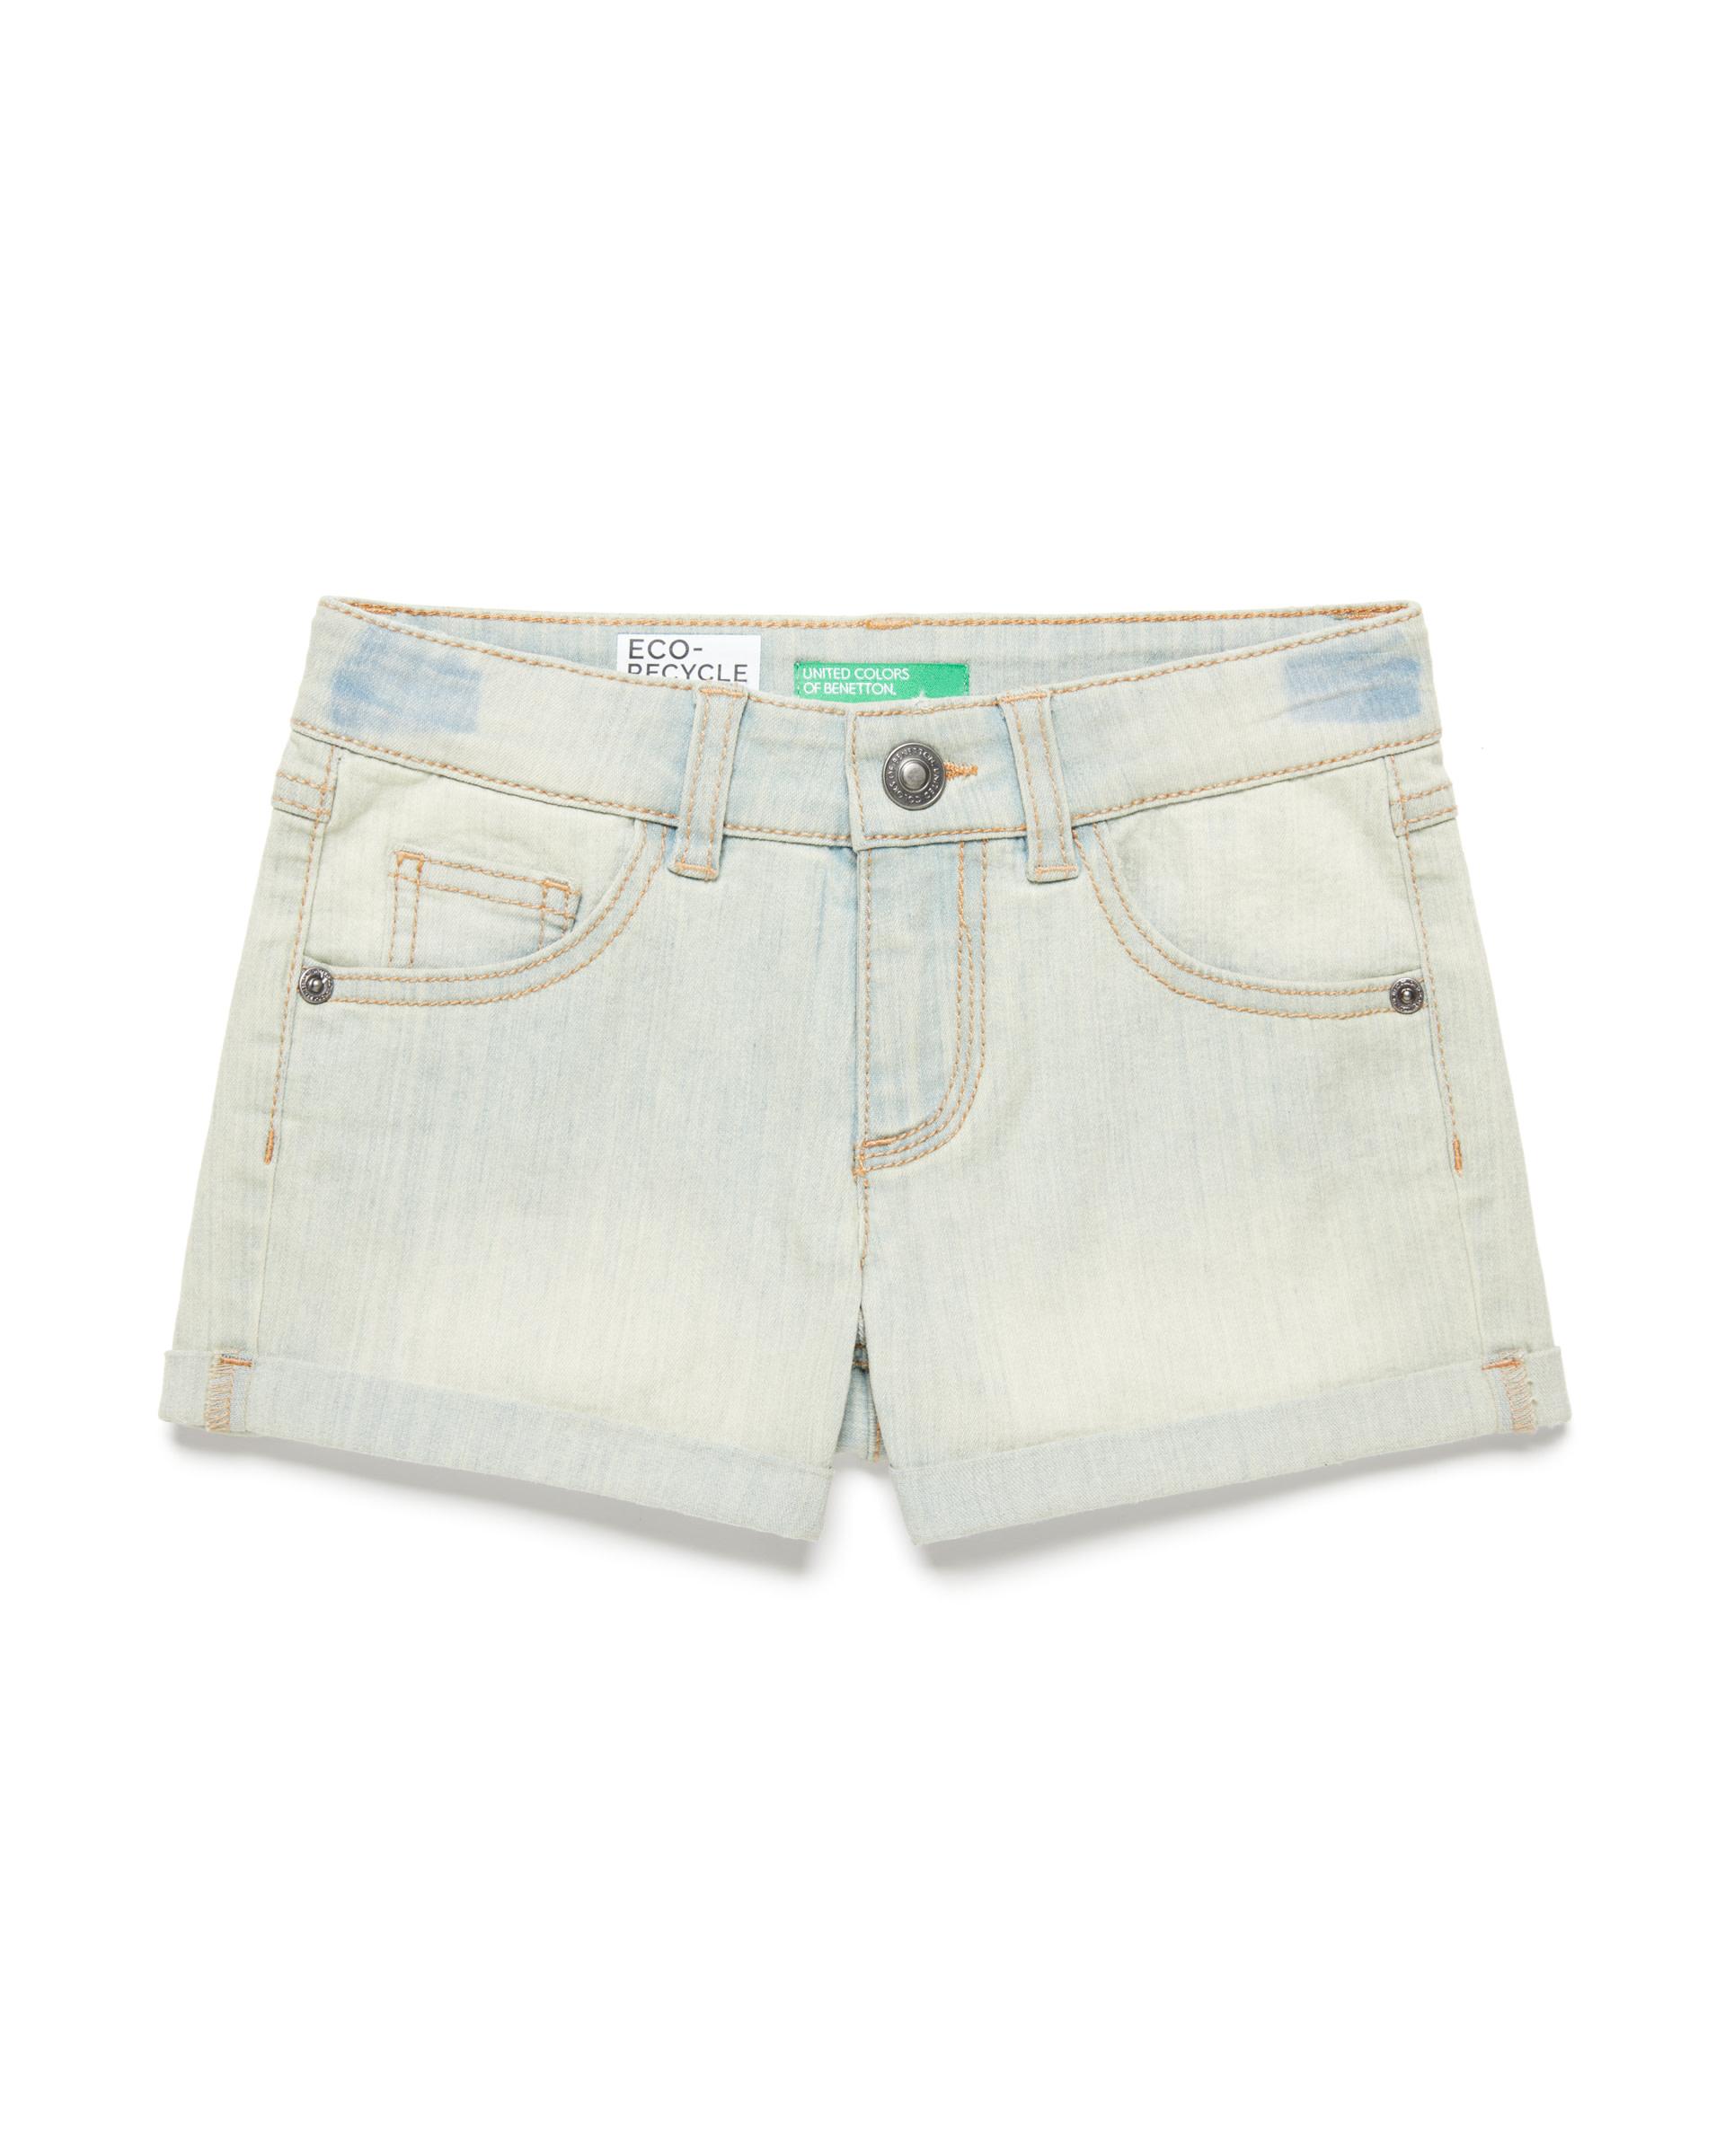 Купить 20P_4XA2597V0_902, Джинсовые шорты для девочек Benetton 4XA2597V0_902 р-р 140, United Colors of Benetton, Шорты для девочек